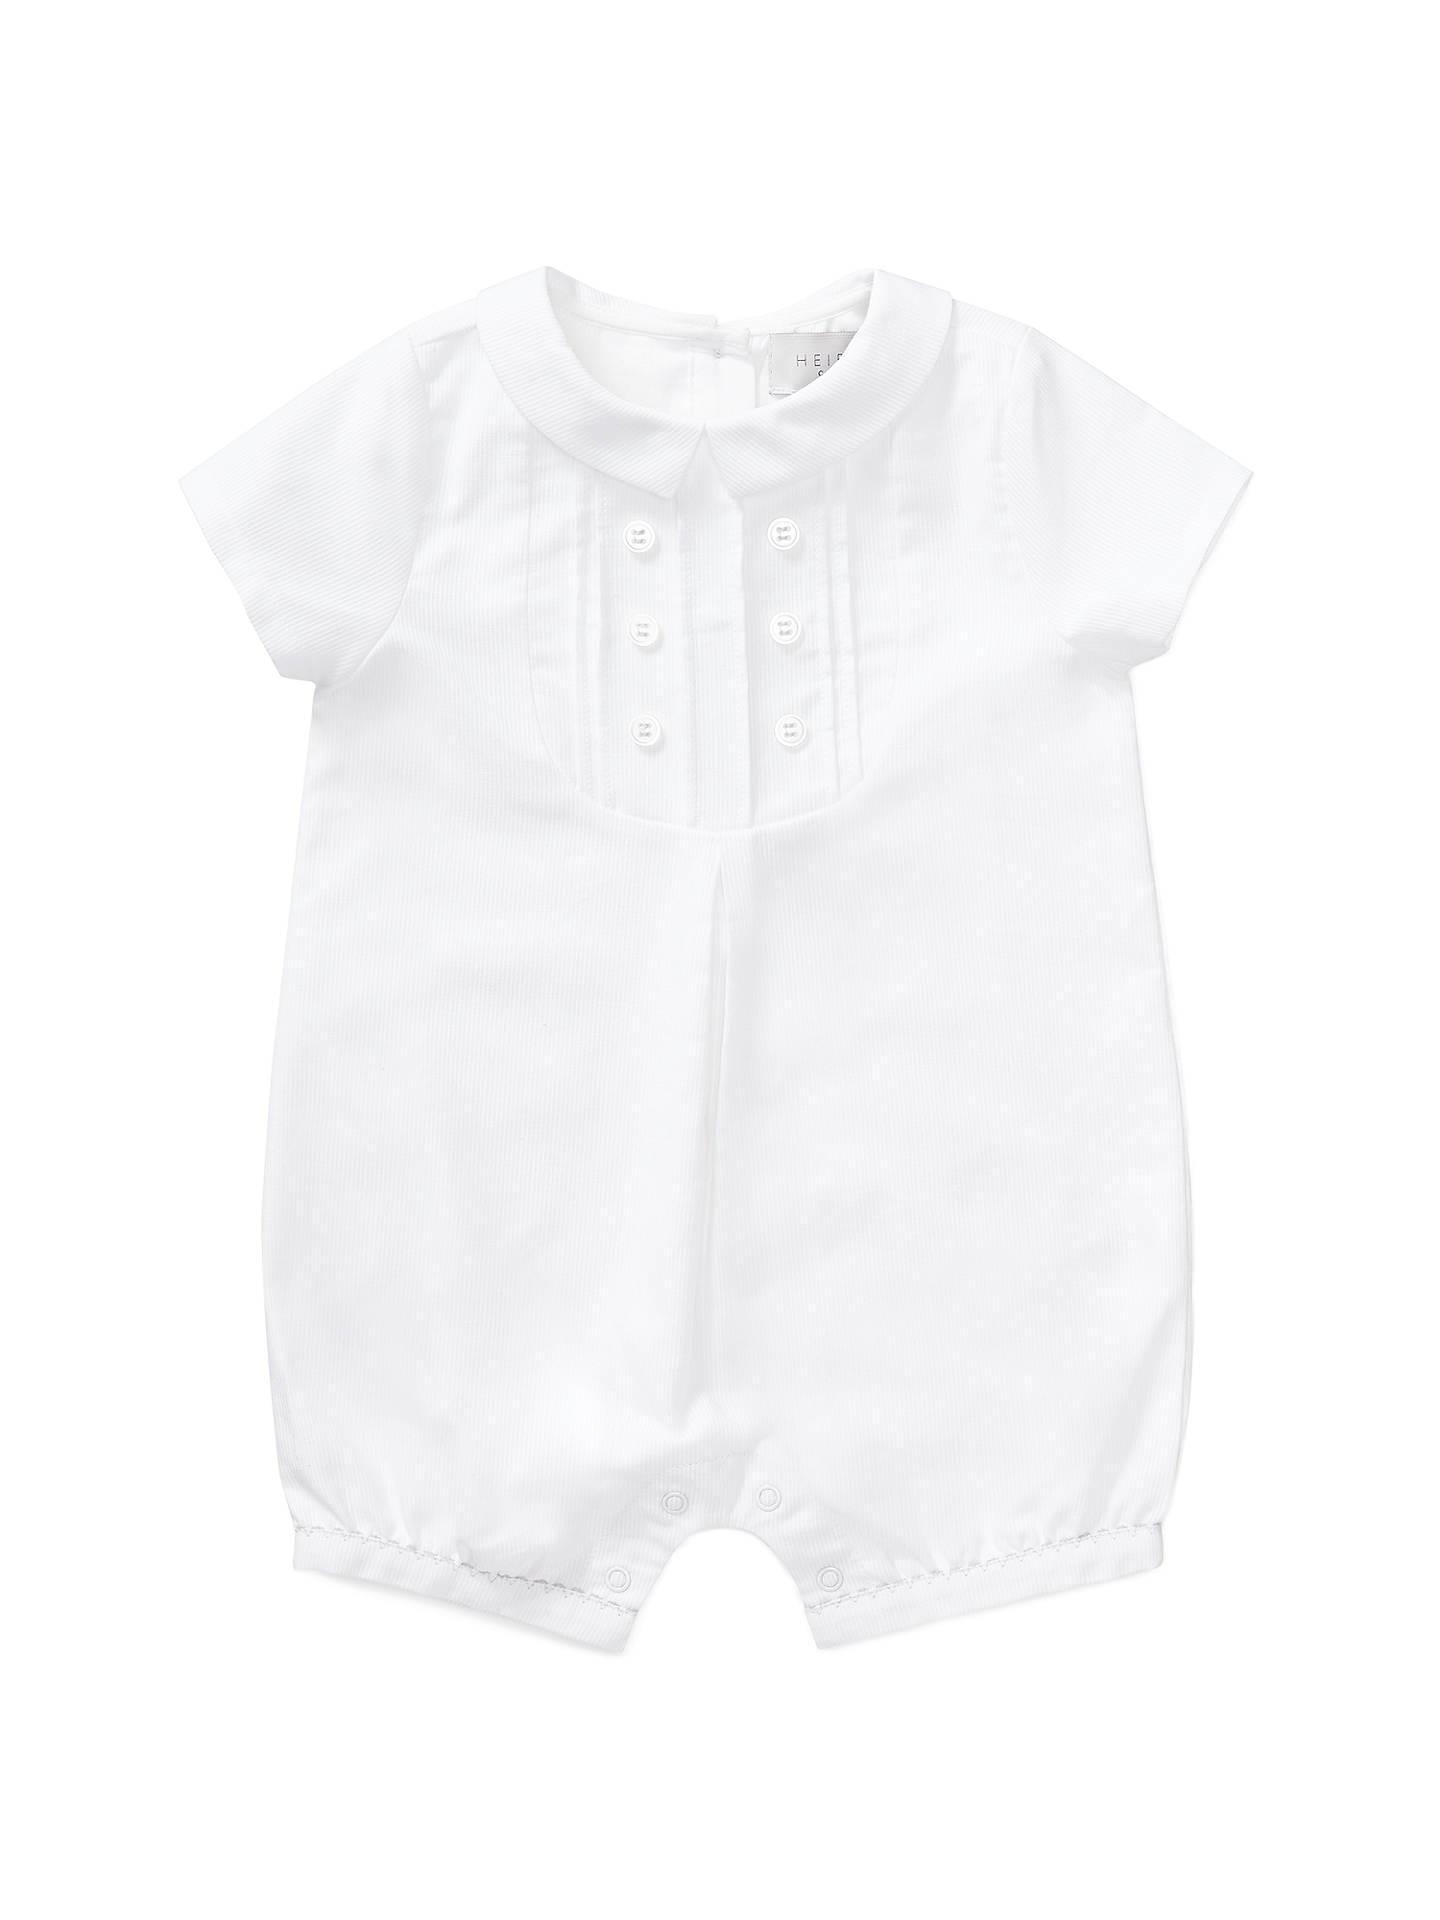 ea4cfd2cda19 John Lewis   Partners Heirloom Collection Baby Textured Romper ...